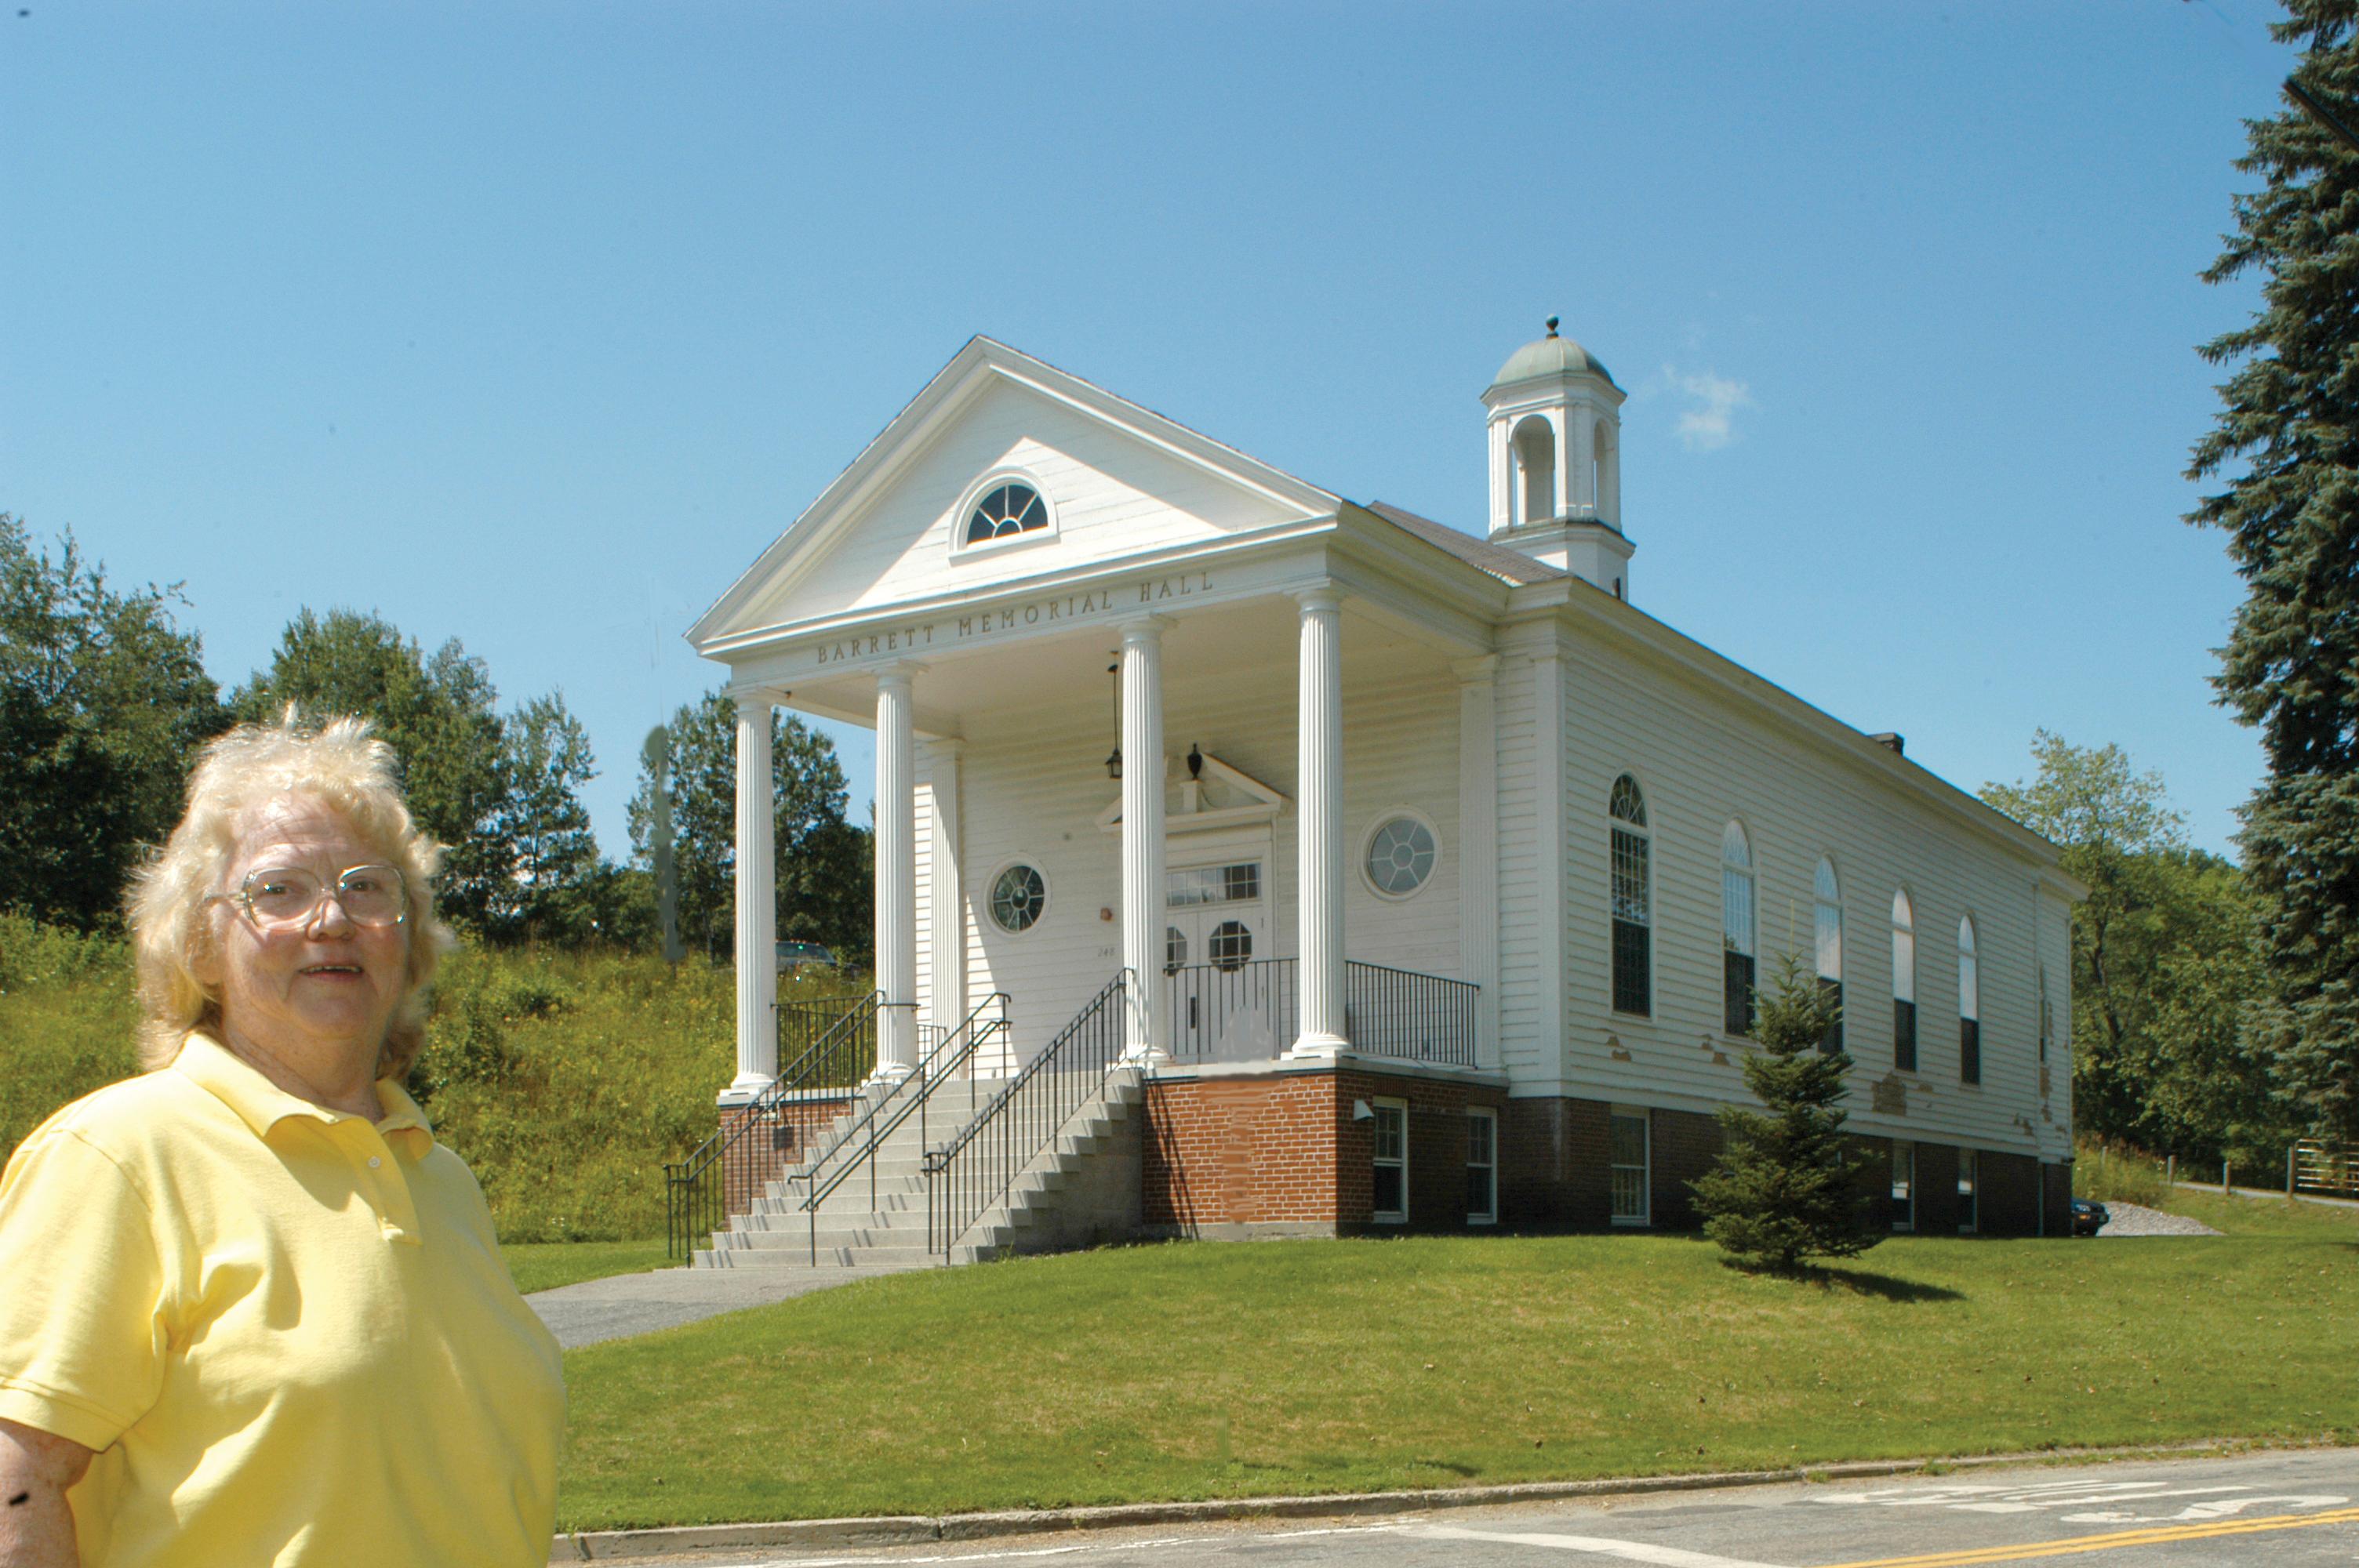 South Strattford Barrett Memorial Hall